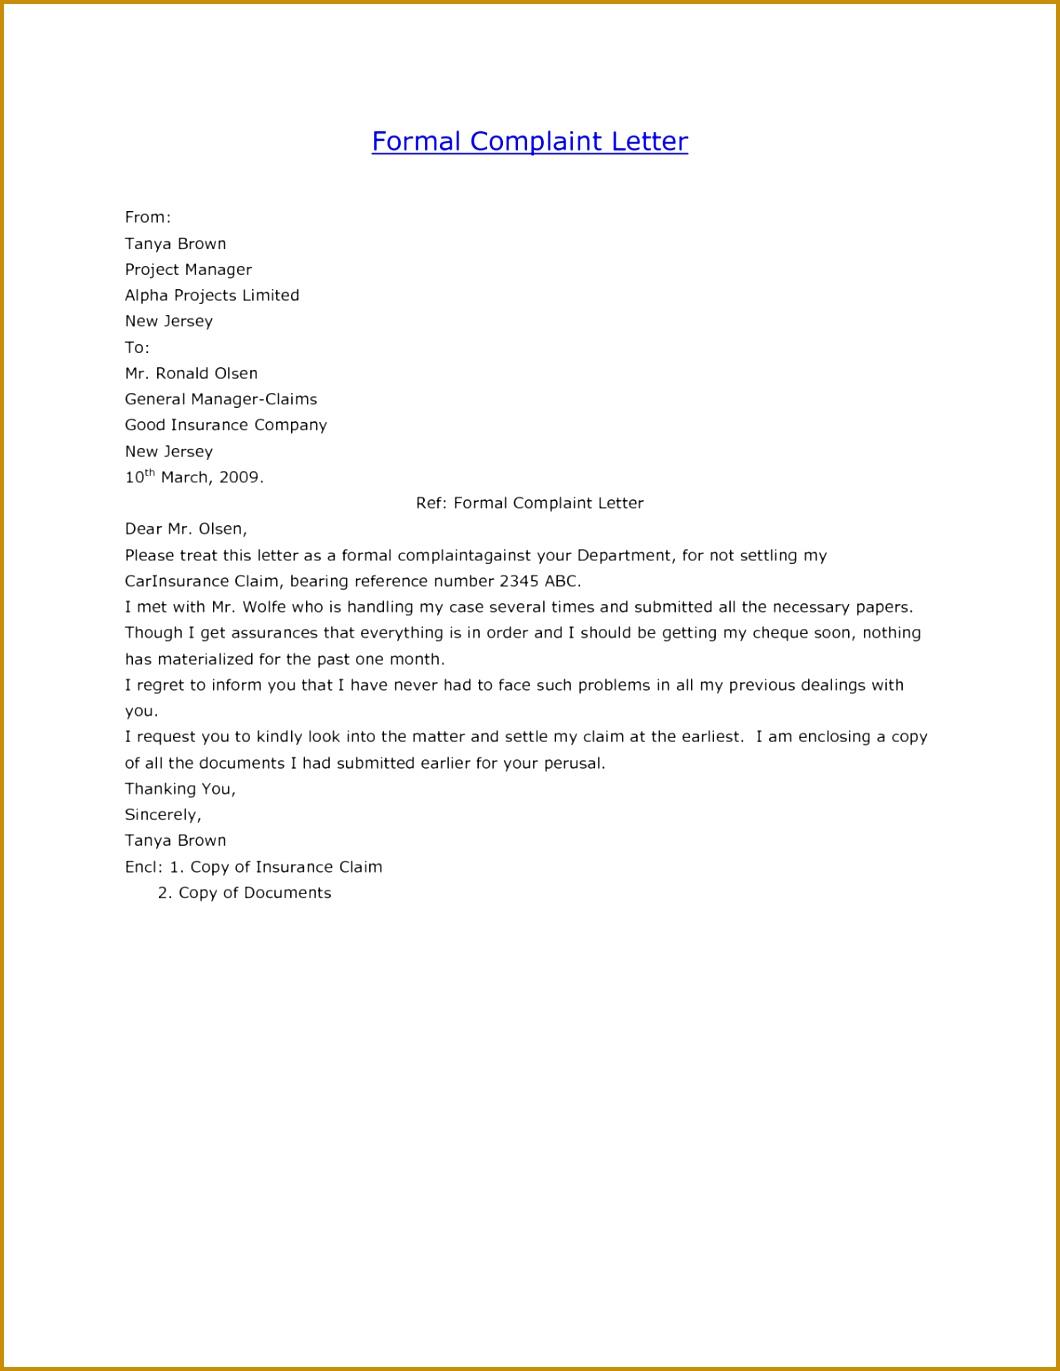 plaint Letter Service Business Letters Service Sample plaint Formal plaint Letter Template plaint Letter Service 13711060